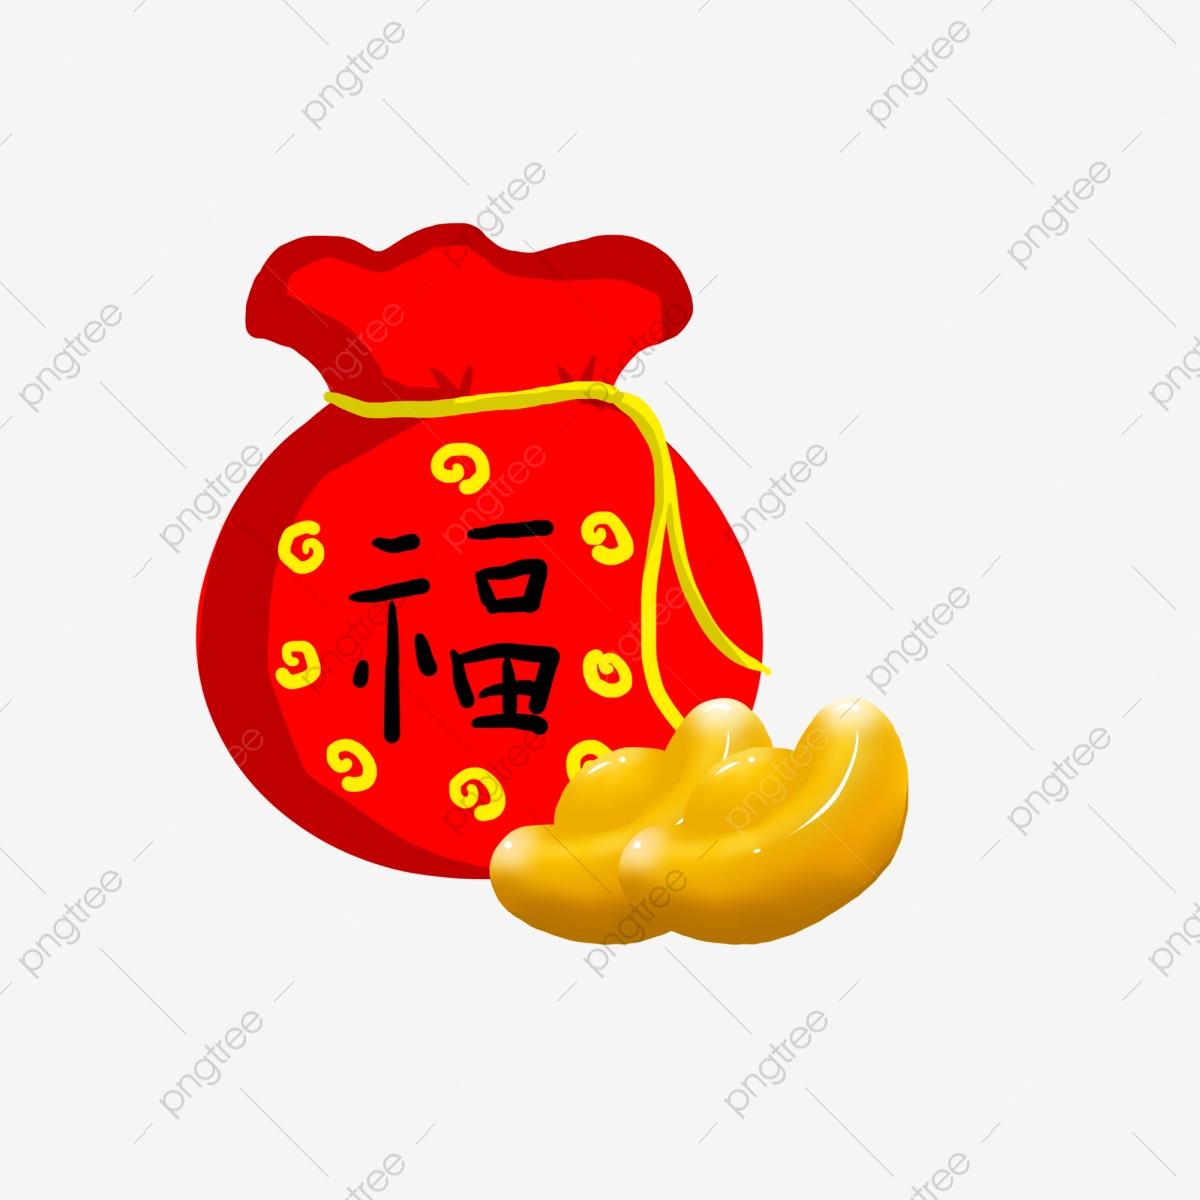 Fu Bao Jin Yuanbao Dessin Enveloppe Rouge Fête Foraine New pour Dessin De Fete Foraine